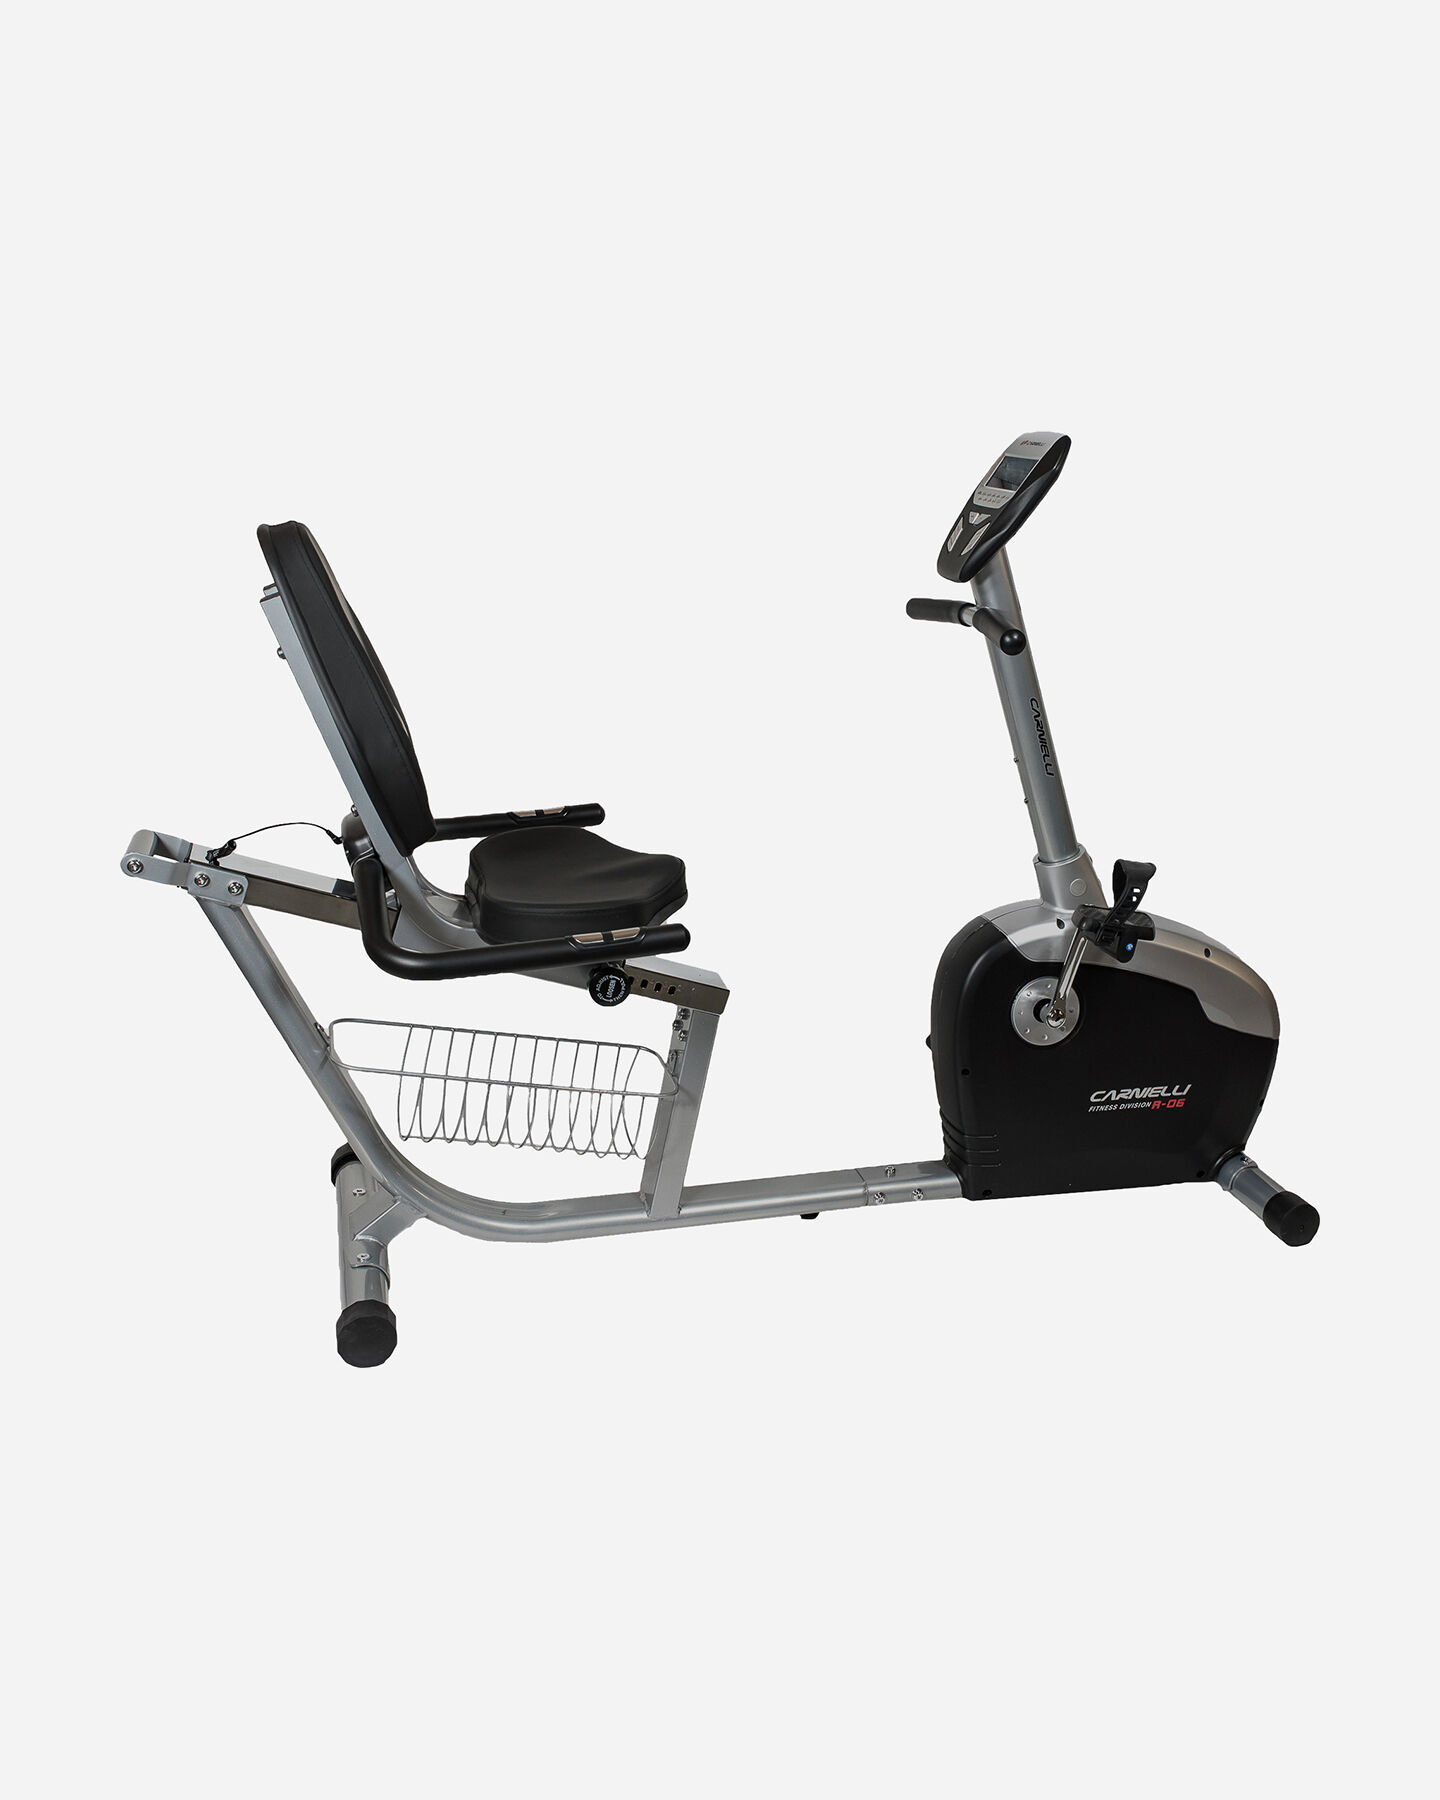 Cyclette CARNIELLI R-06 S4019887 1 UNI scatto 0